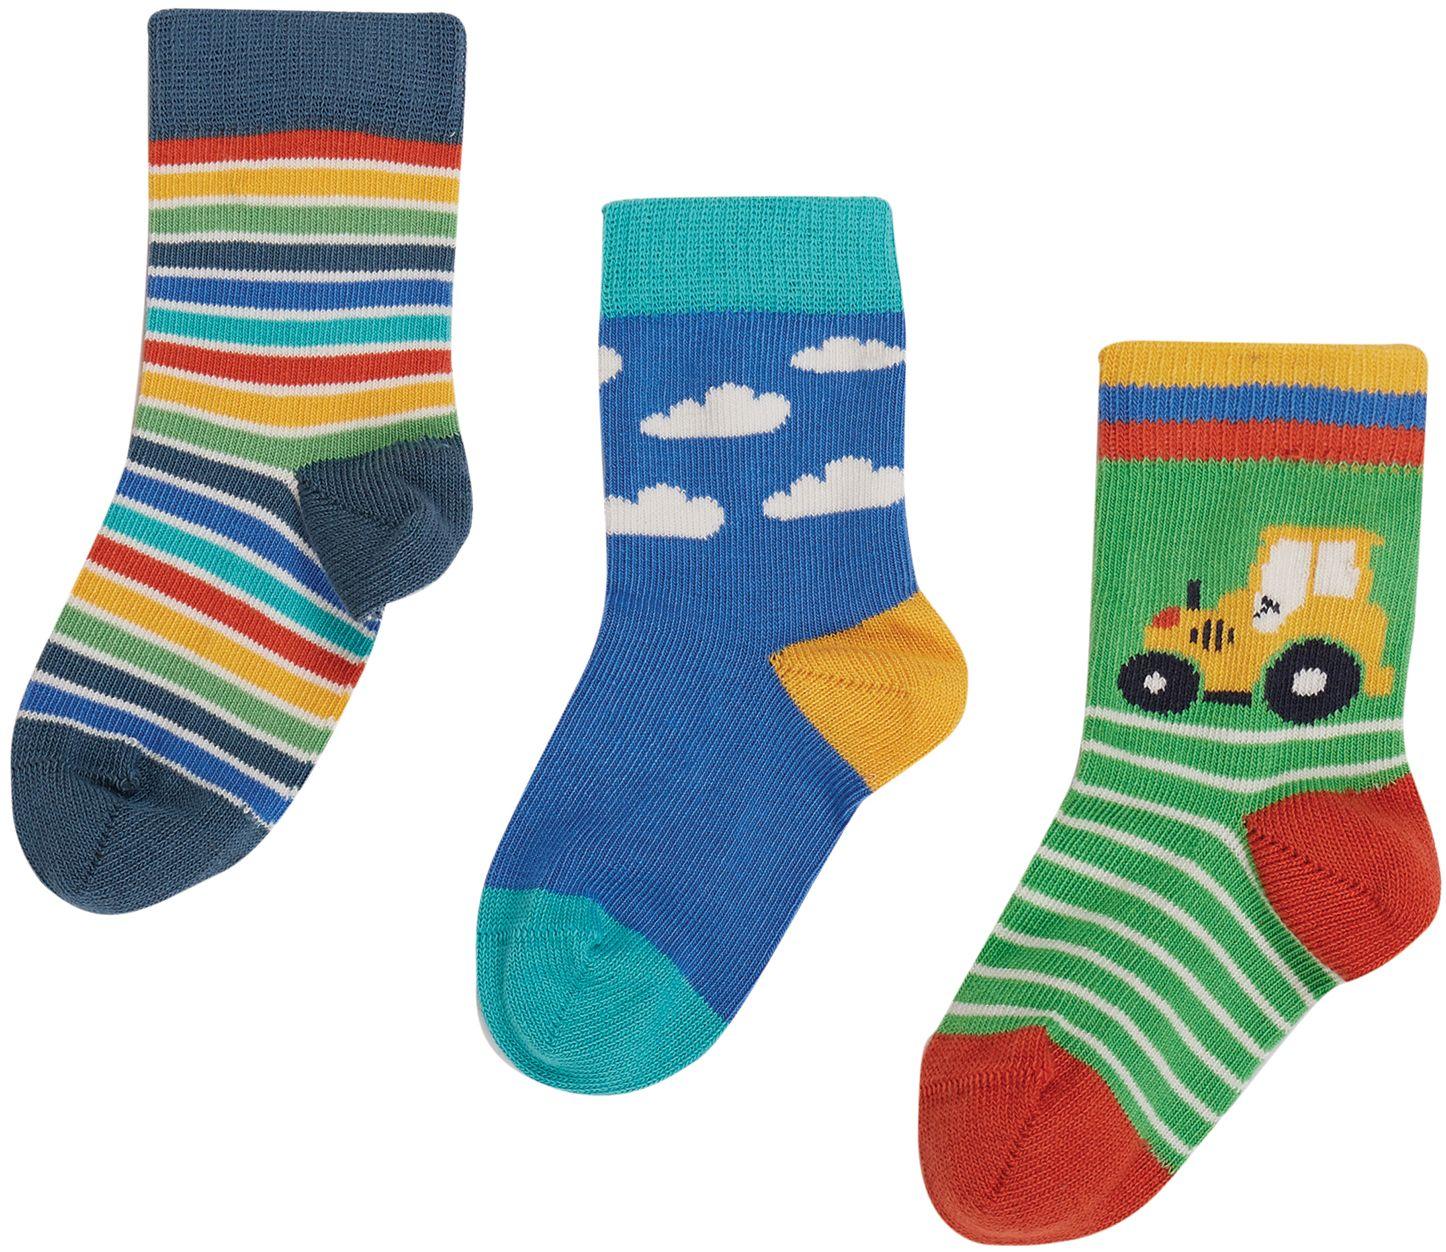 Gemusterte Kinder-Socken im 3er-Pack mit Traktor